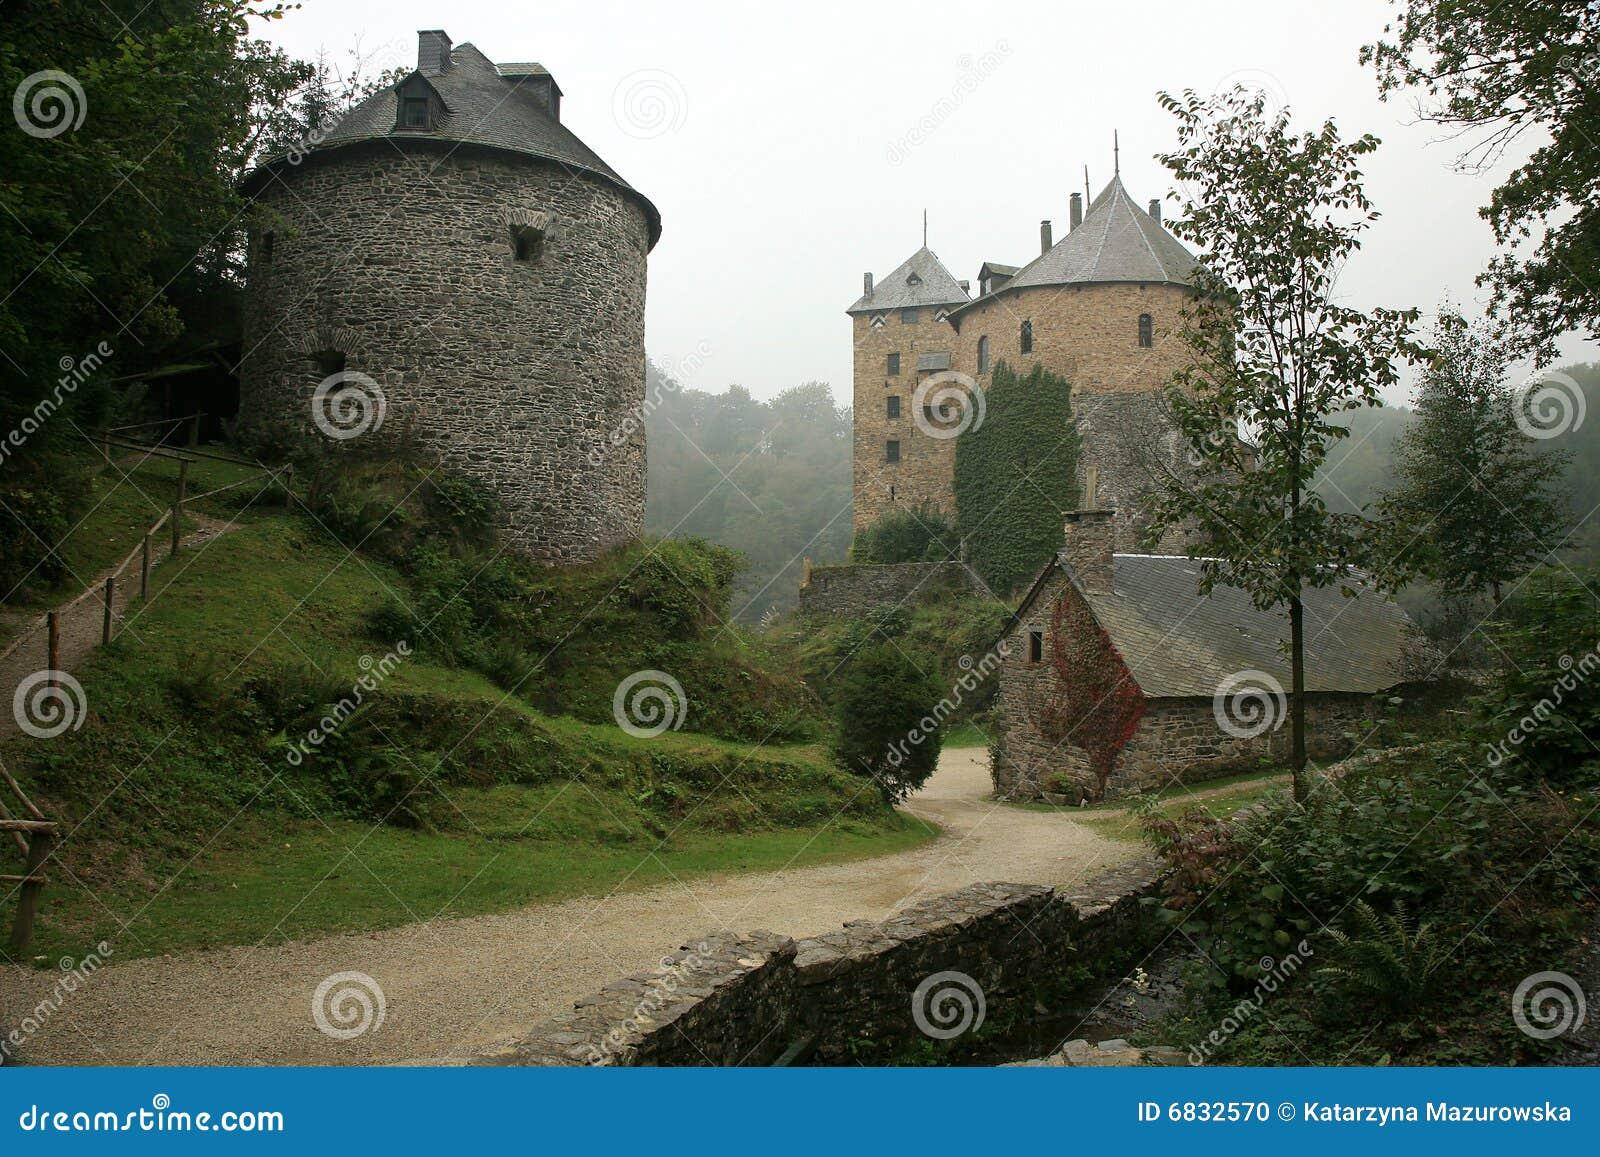 Oud kasteel in de Berg van Ardennen - België.